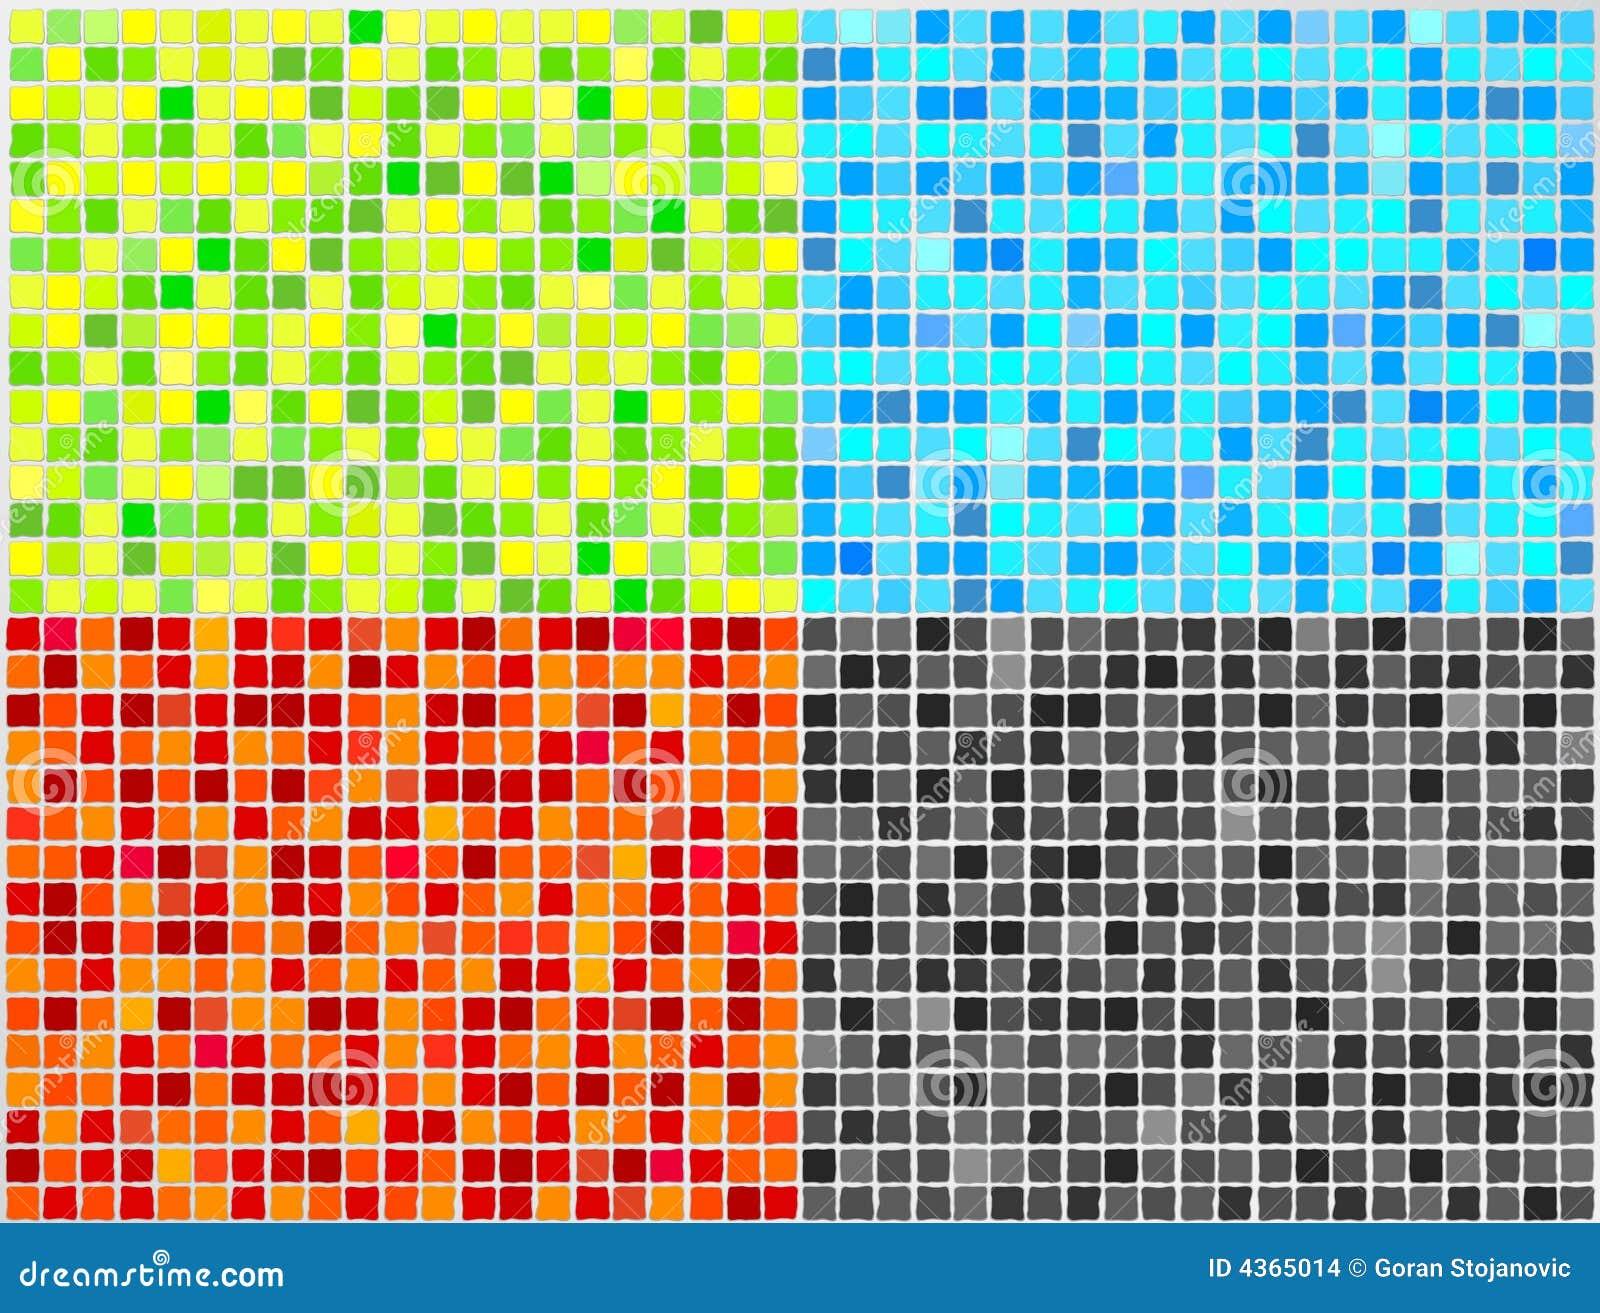 Azulejo de mosaico del vector 4 colores imagenes de - Azulejos de colores ...